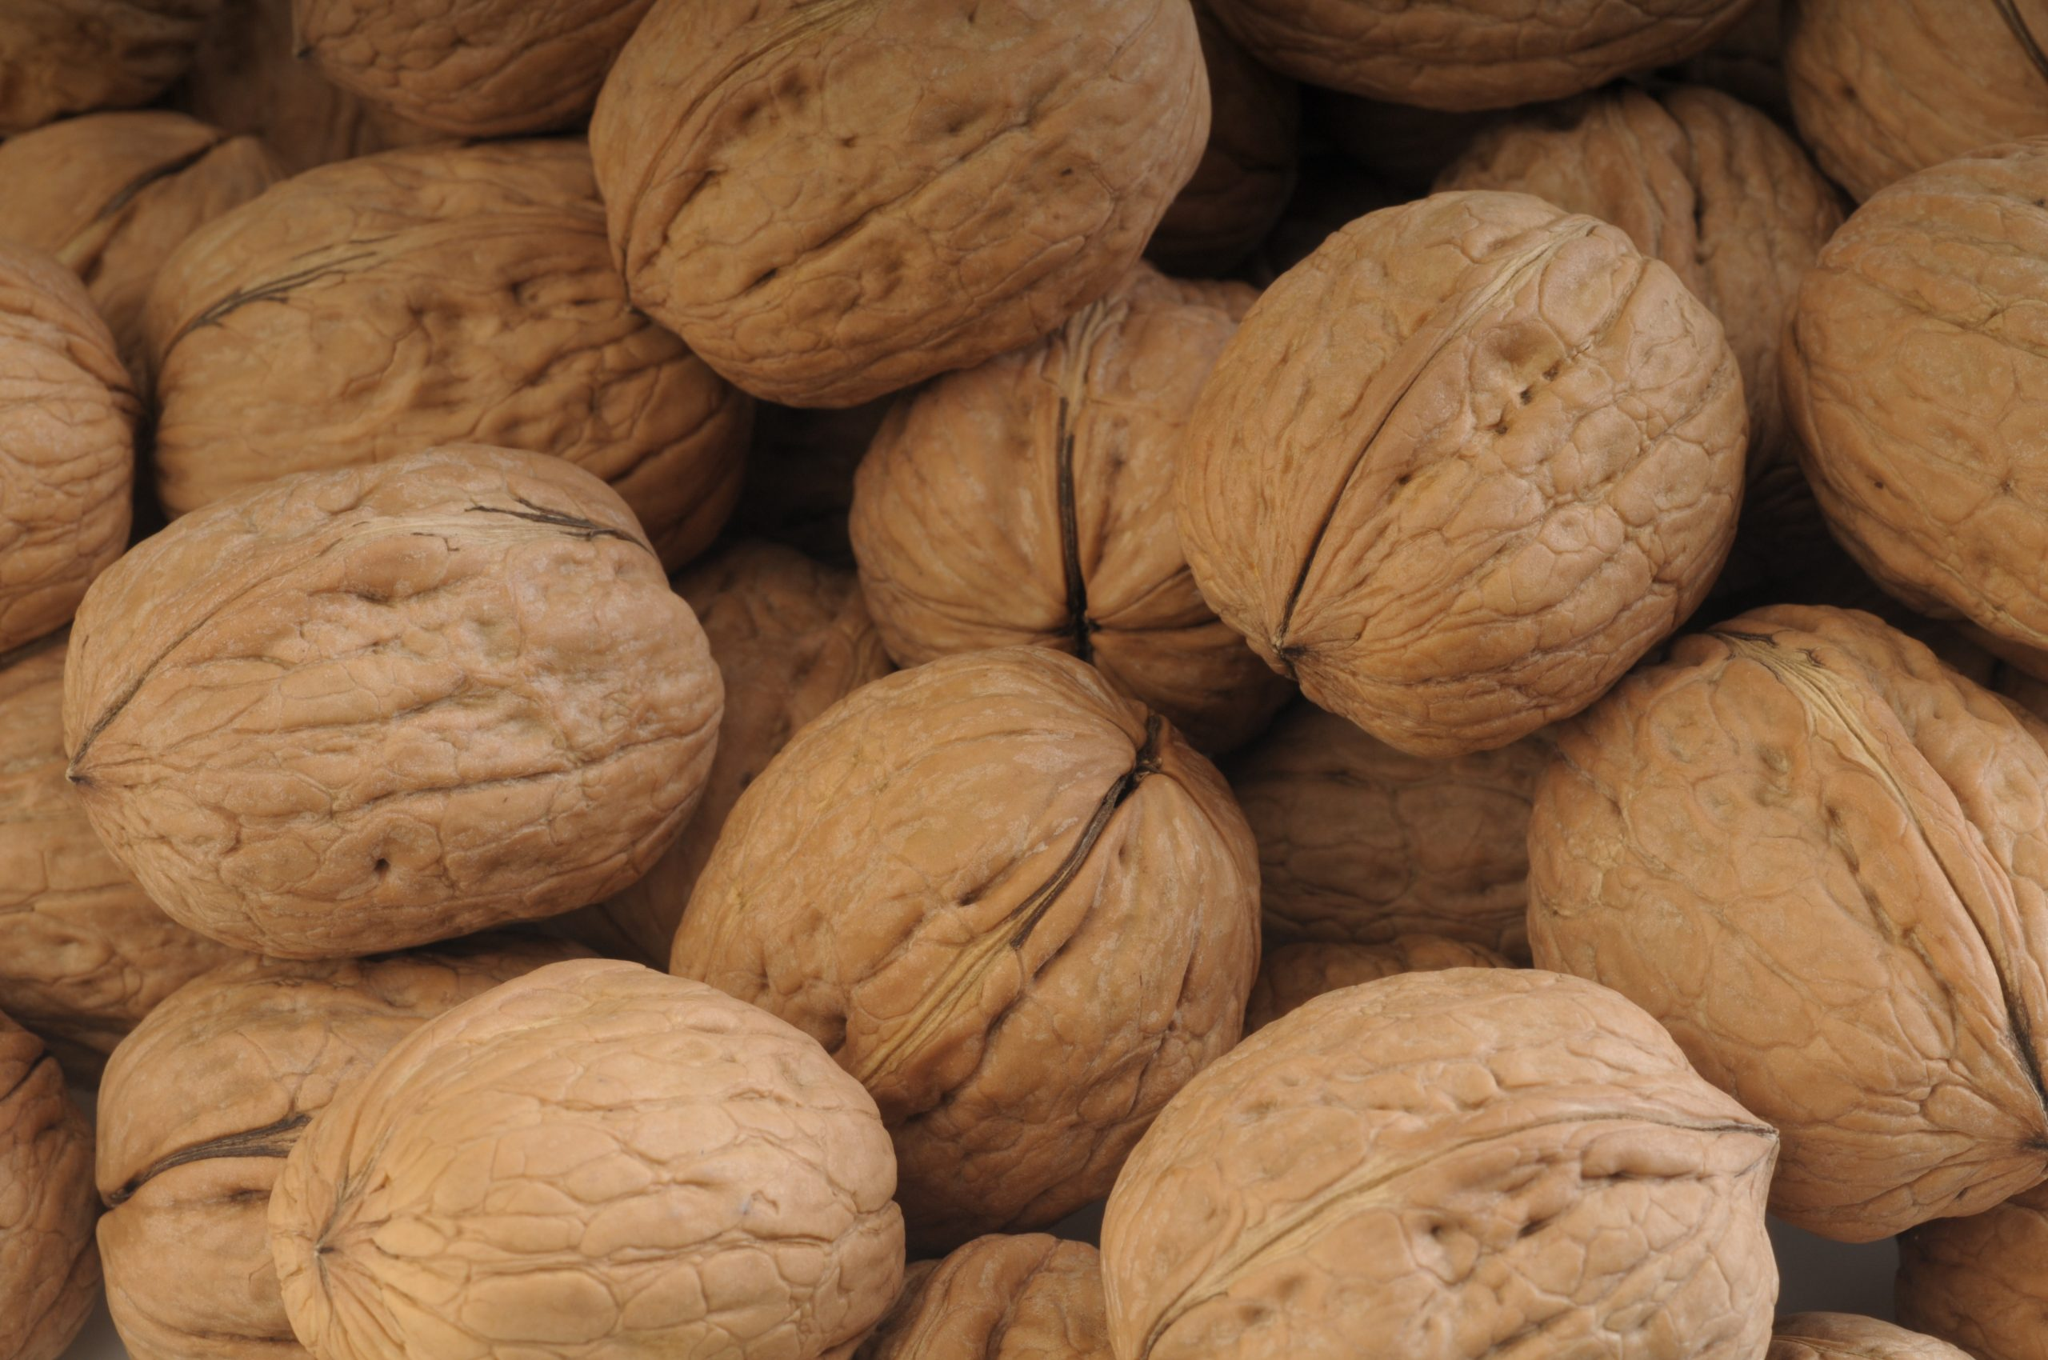 Productores de nueces enfrentan temporada con precios cambiantes